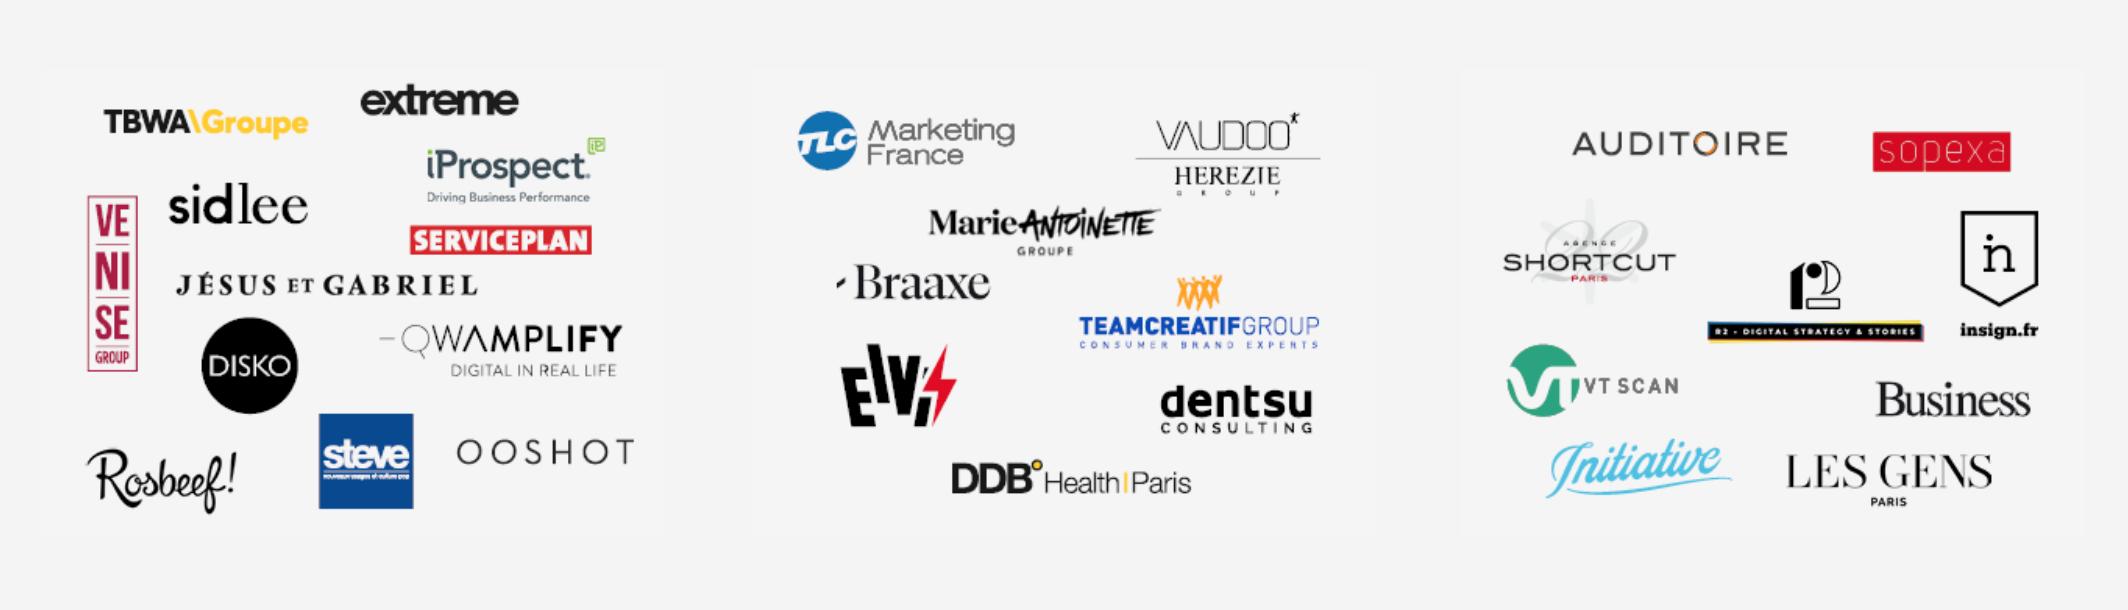 agences-de-annee-2018-palmares-agences-communication-publicite-france